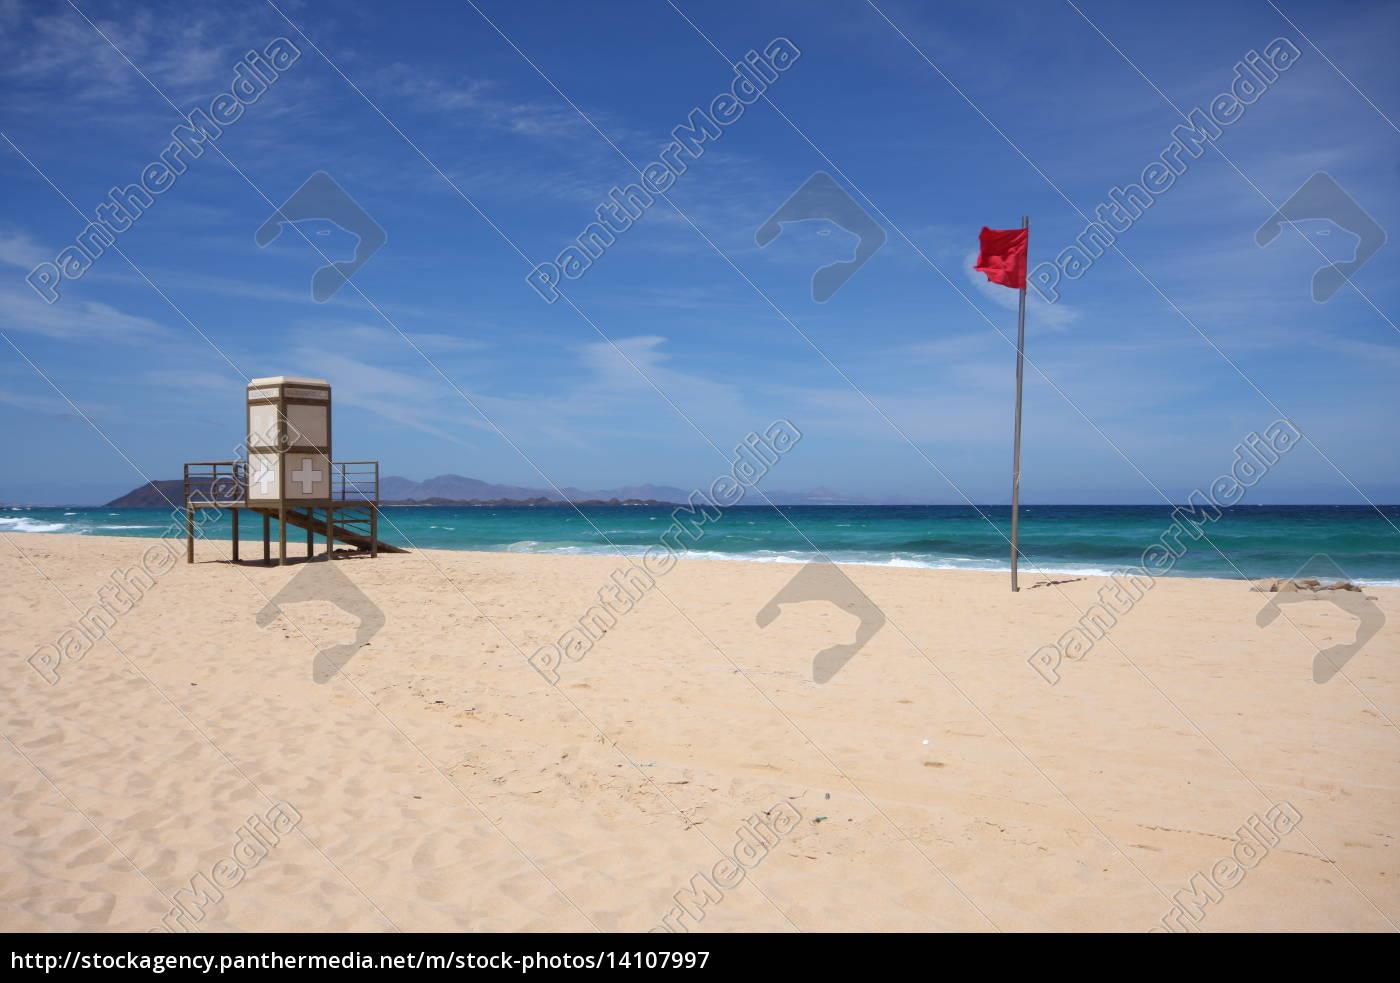 bandeira, estado, canário, salva-vidas, proibição de banho, suporte - 14107997